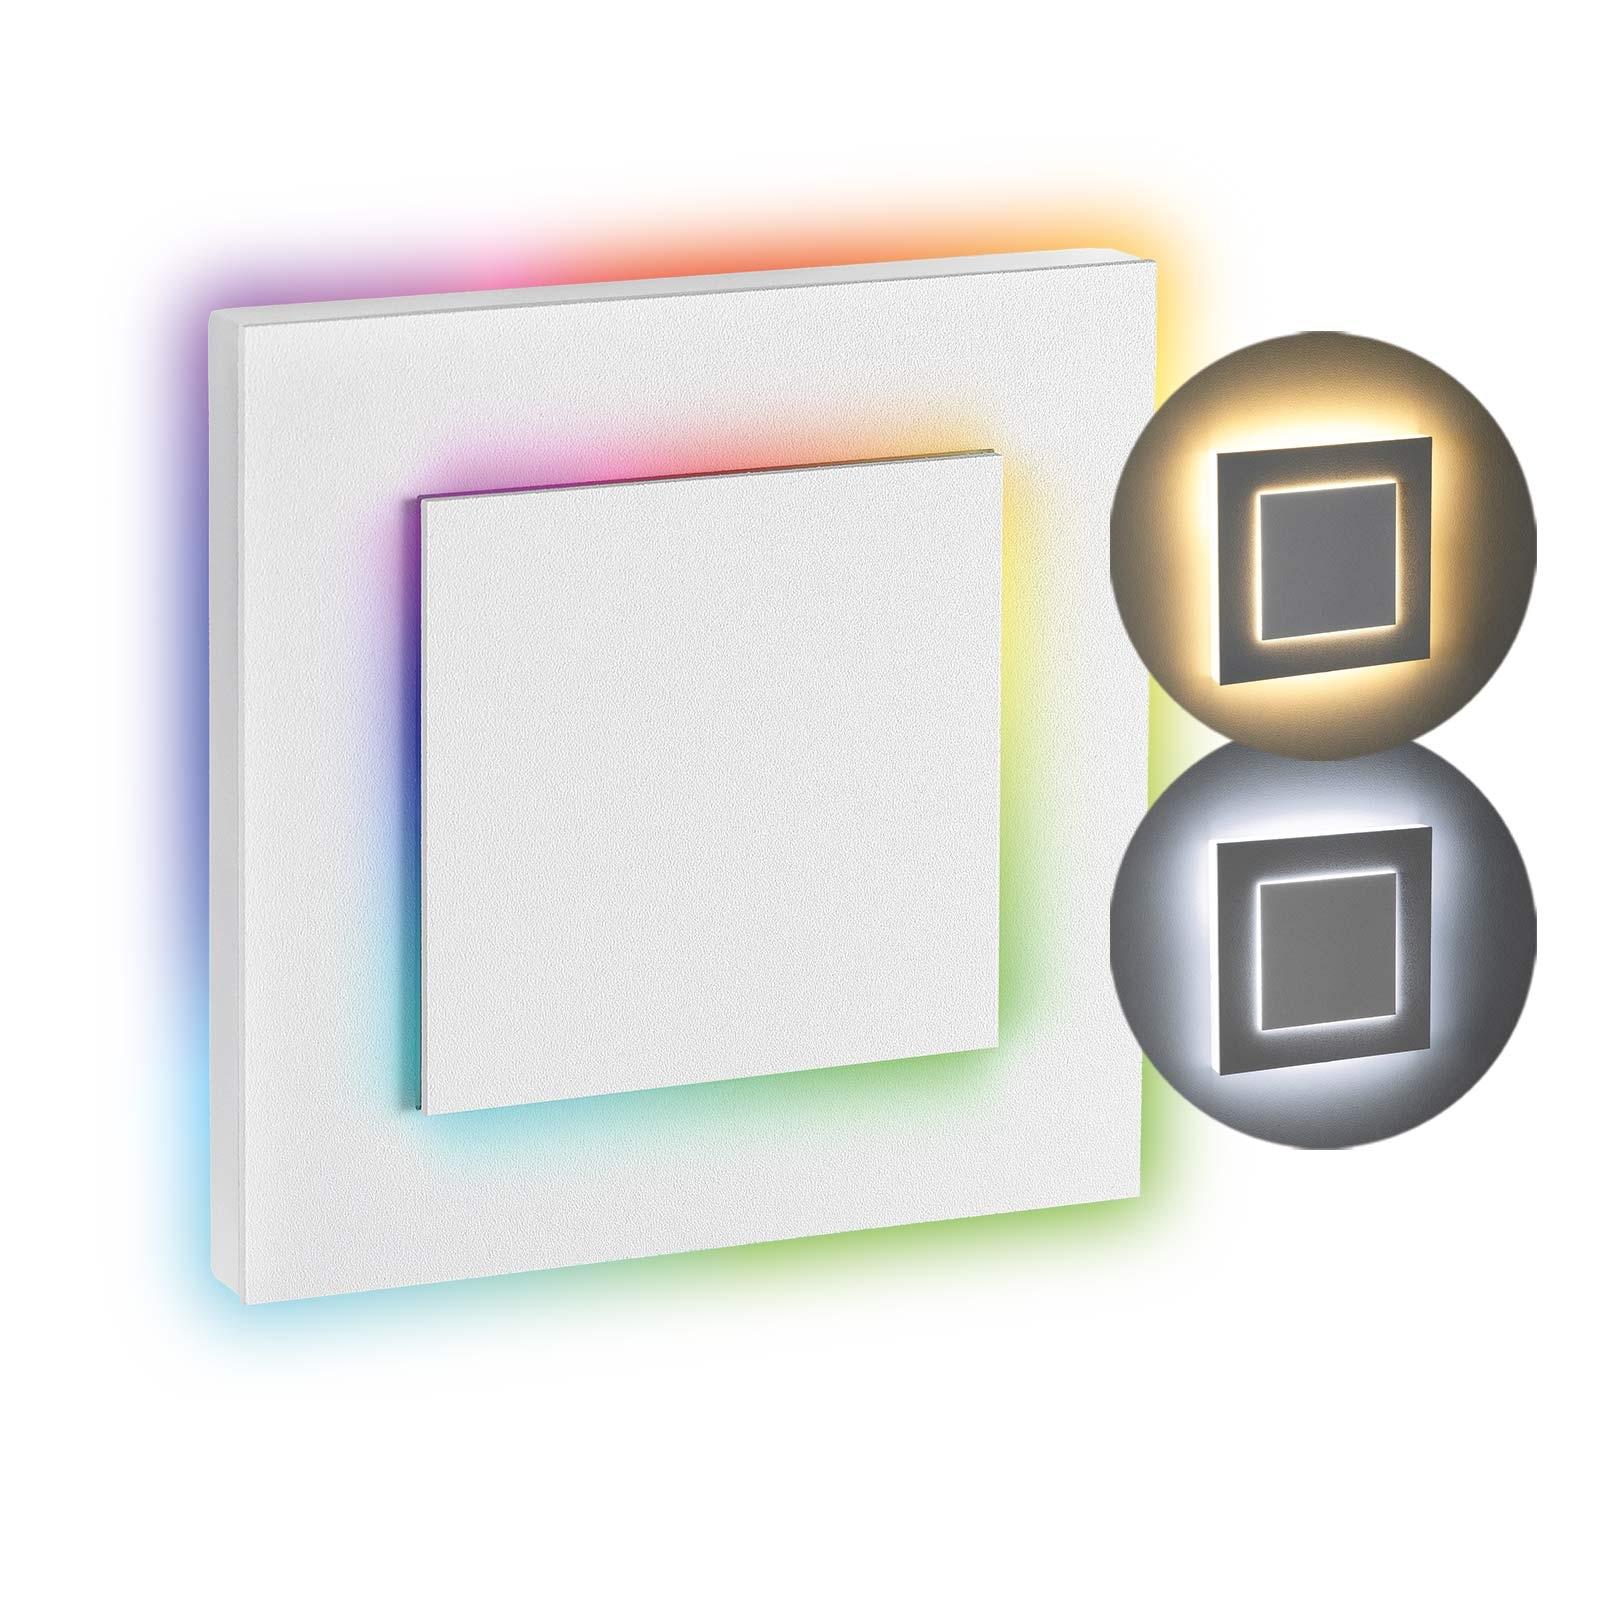 LED Stufenbeleuchtung Oberteil eckig, weiß | Seitlicher Lichtaustritt doppelt